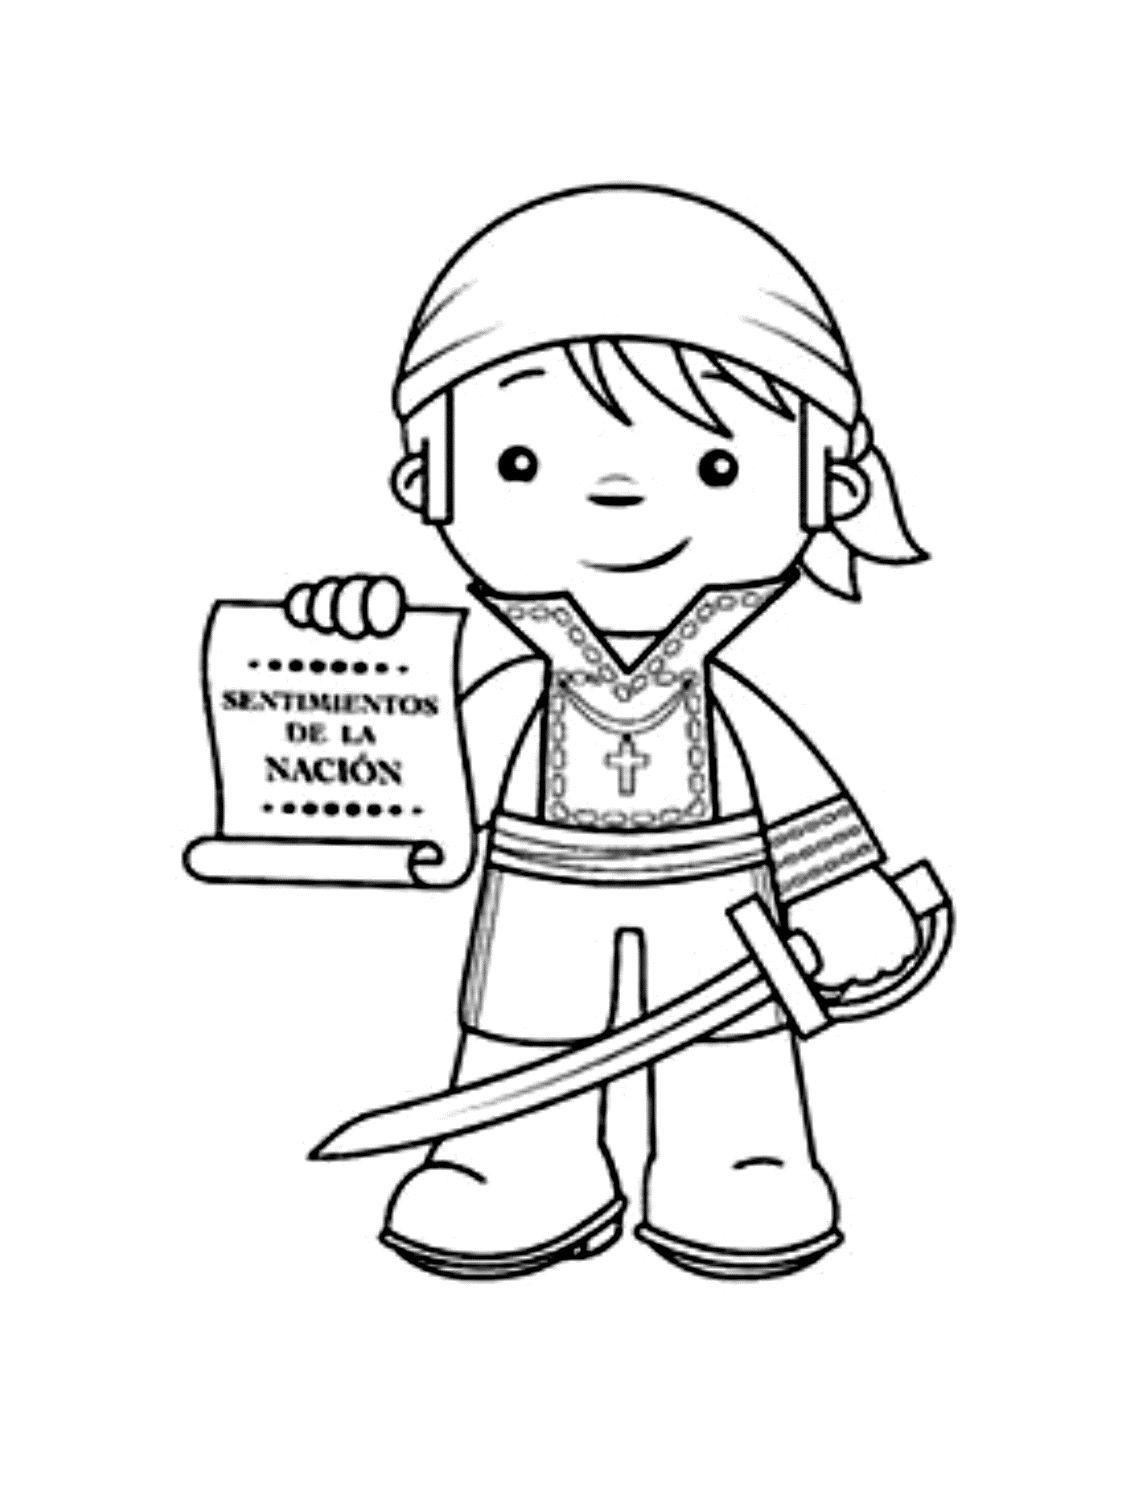 Pin De Susie Frees En Marionettes Puppets 2 Dibujo Dia De La Independencia Manualidades 15 De Septiembre Para Ninos Actividades Escolares